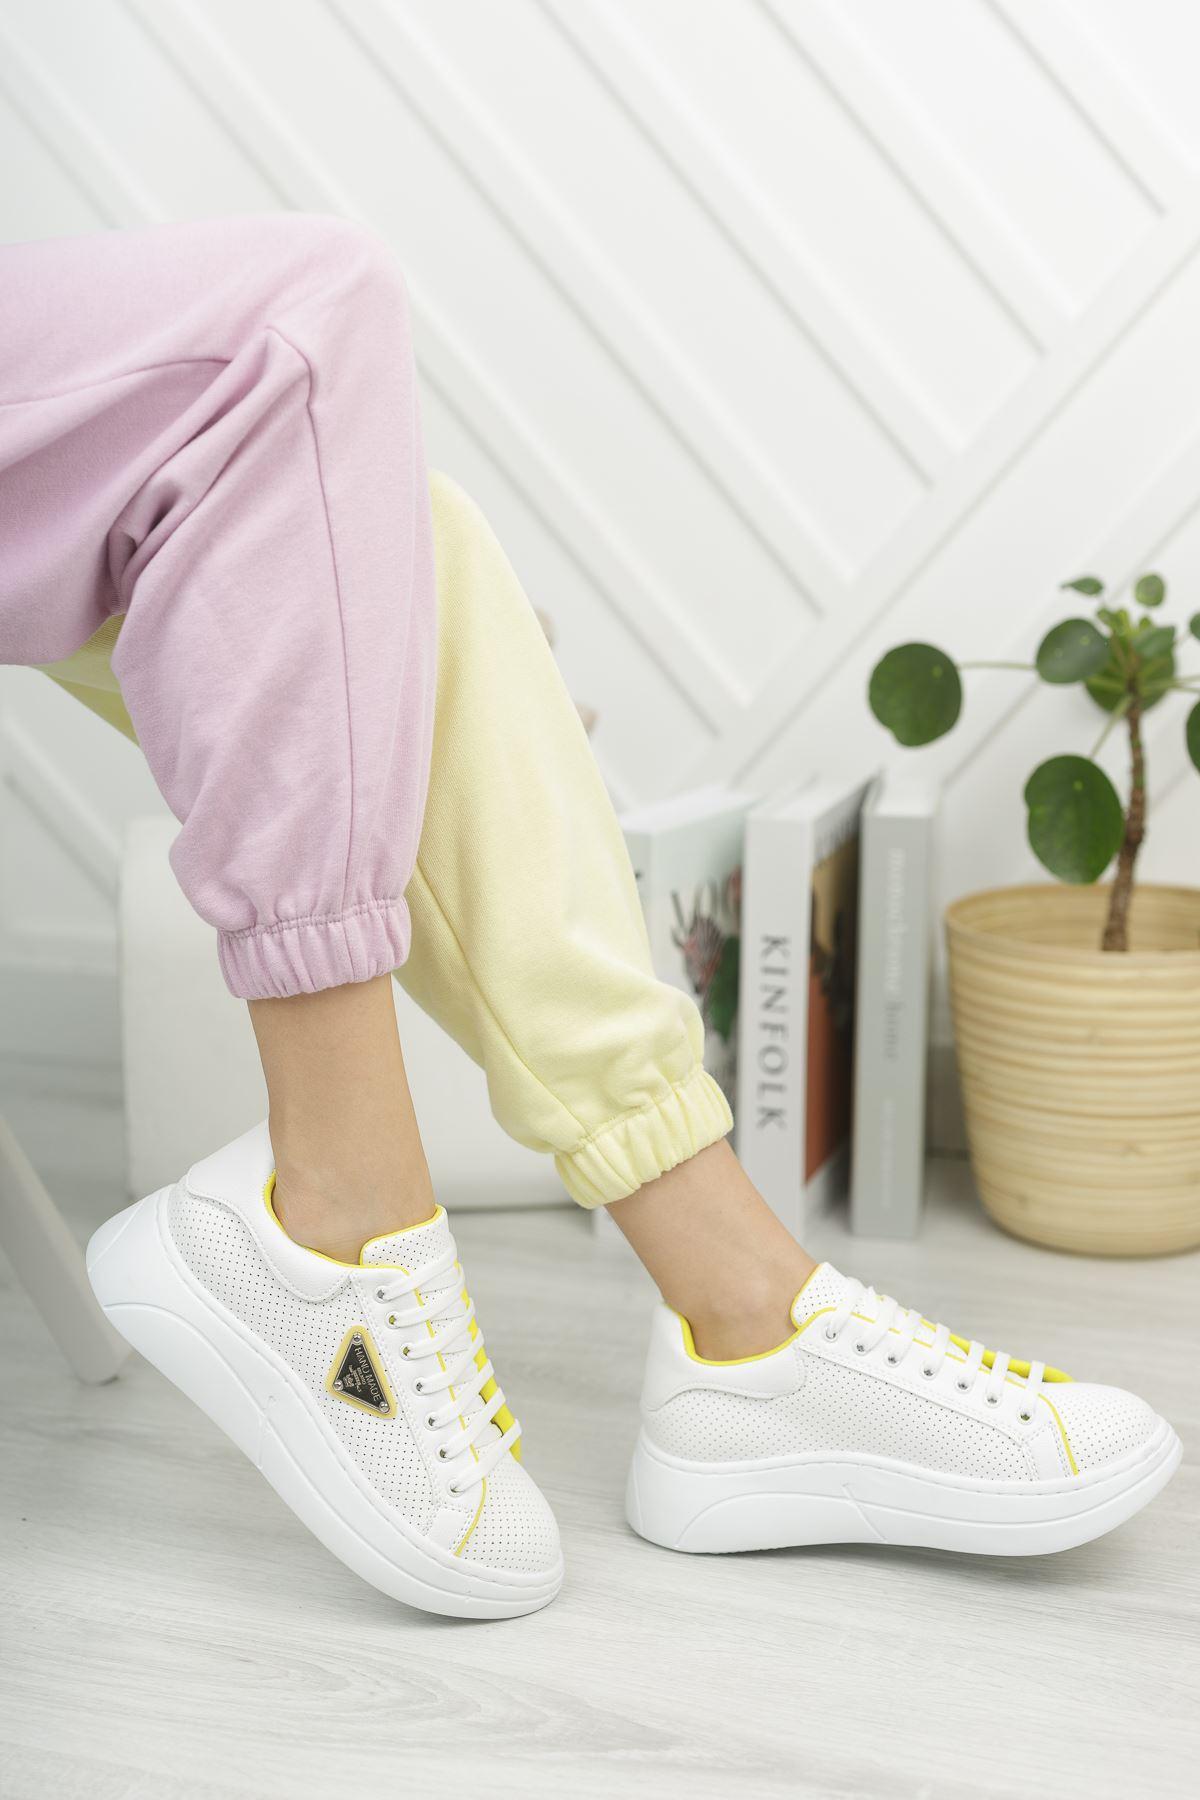 Kadın Lestas Kalın Taban Beyaz Sarı Spor Ayakkabı Bağcıklı Mat Deri